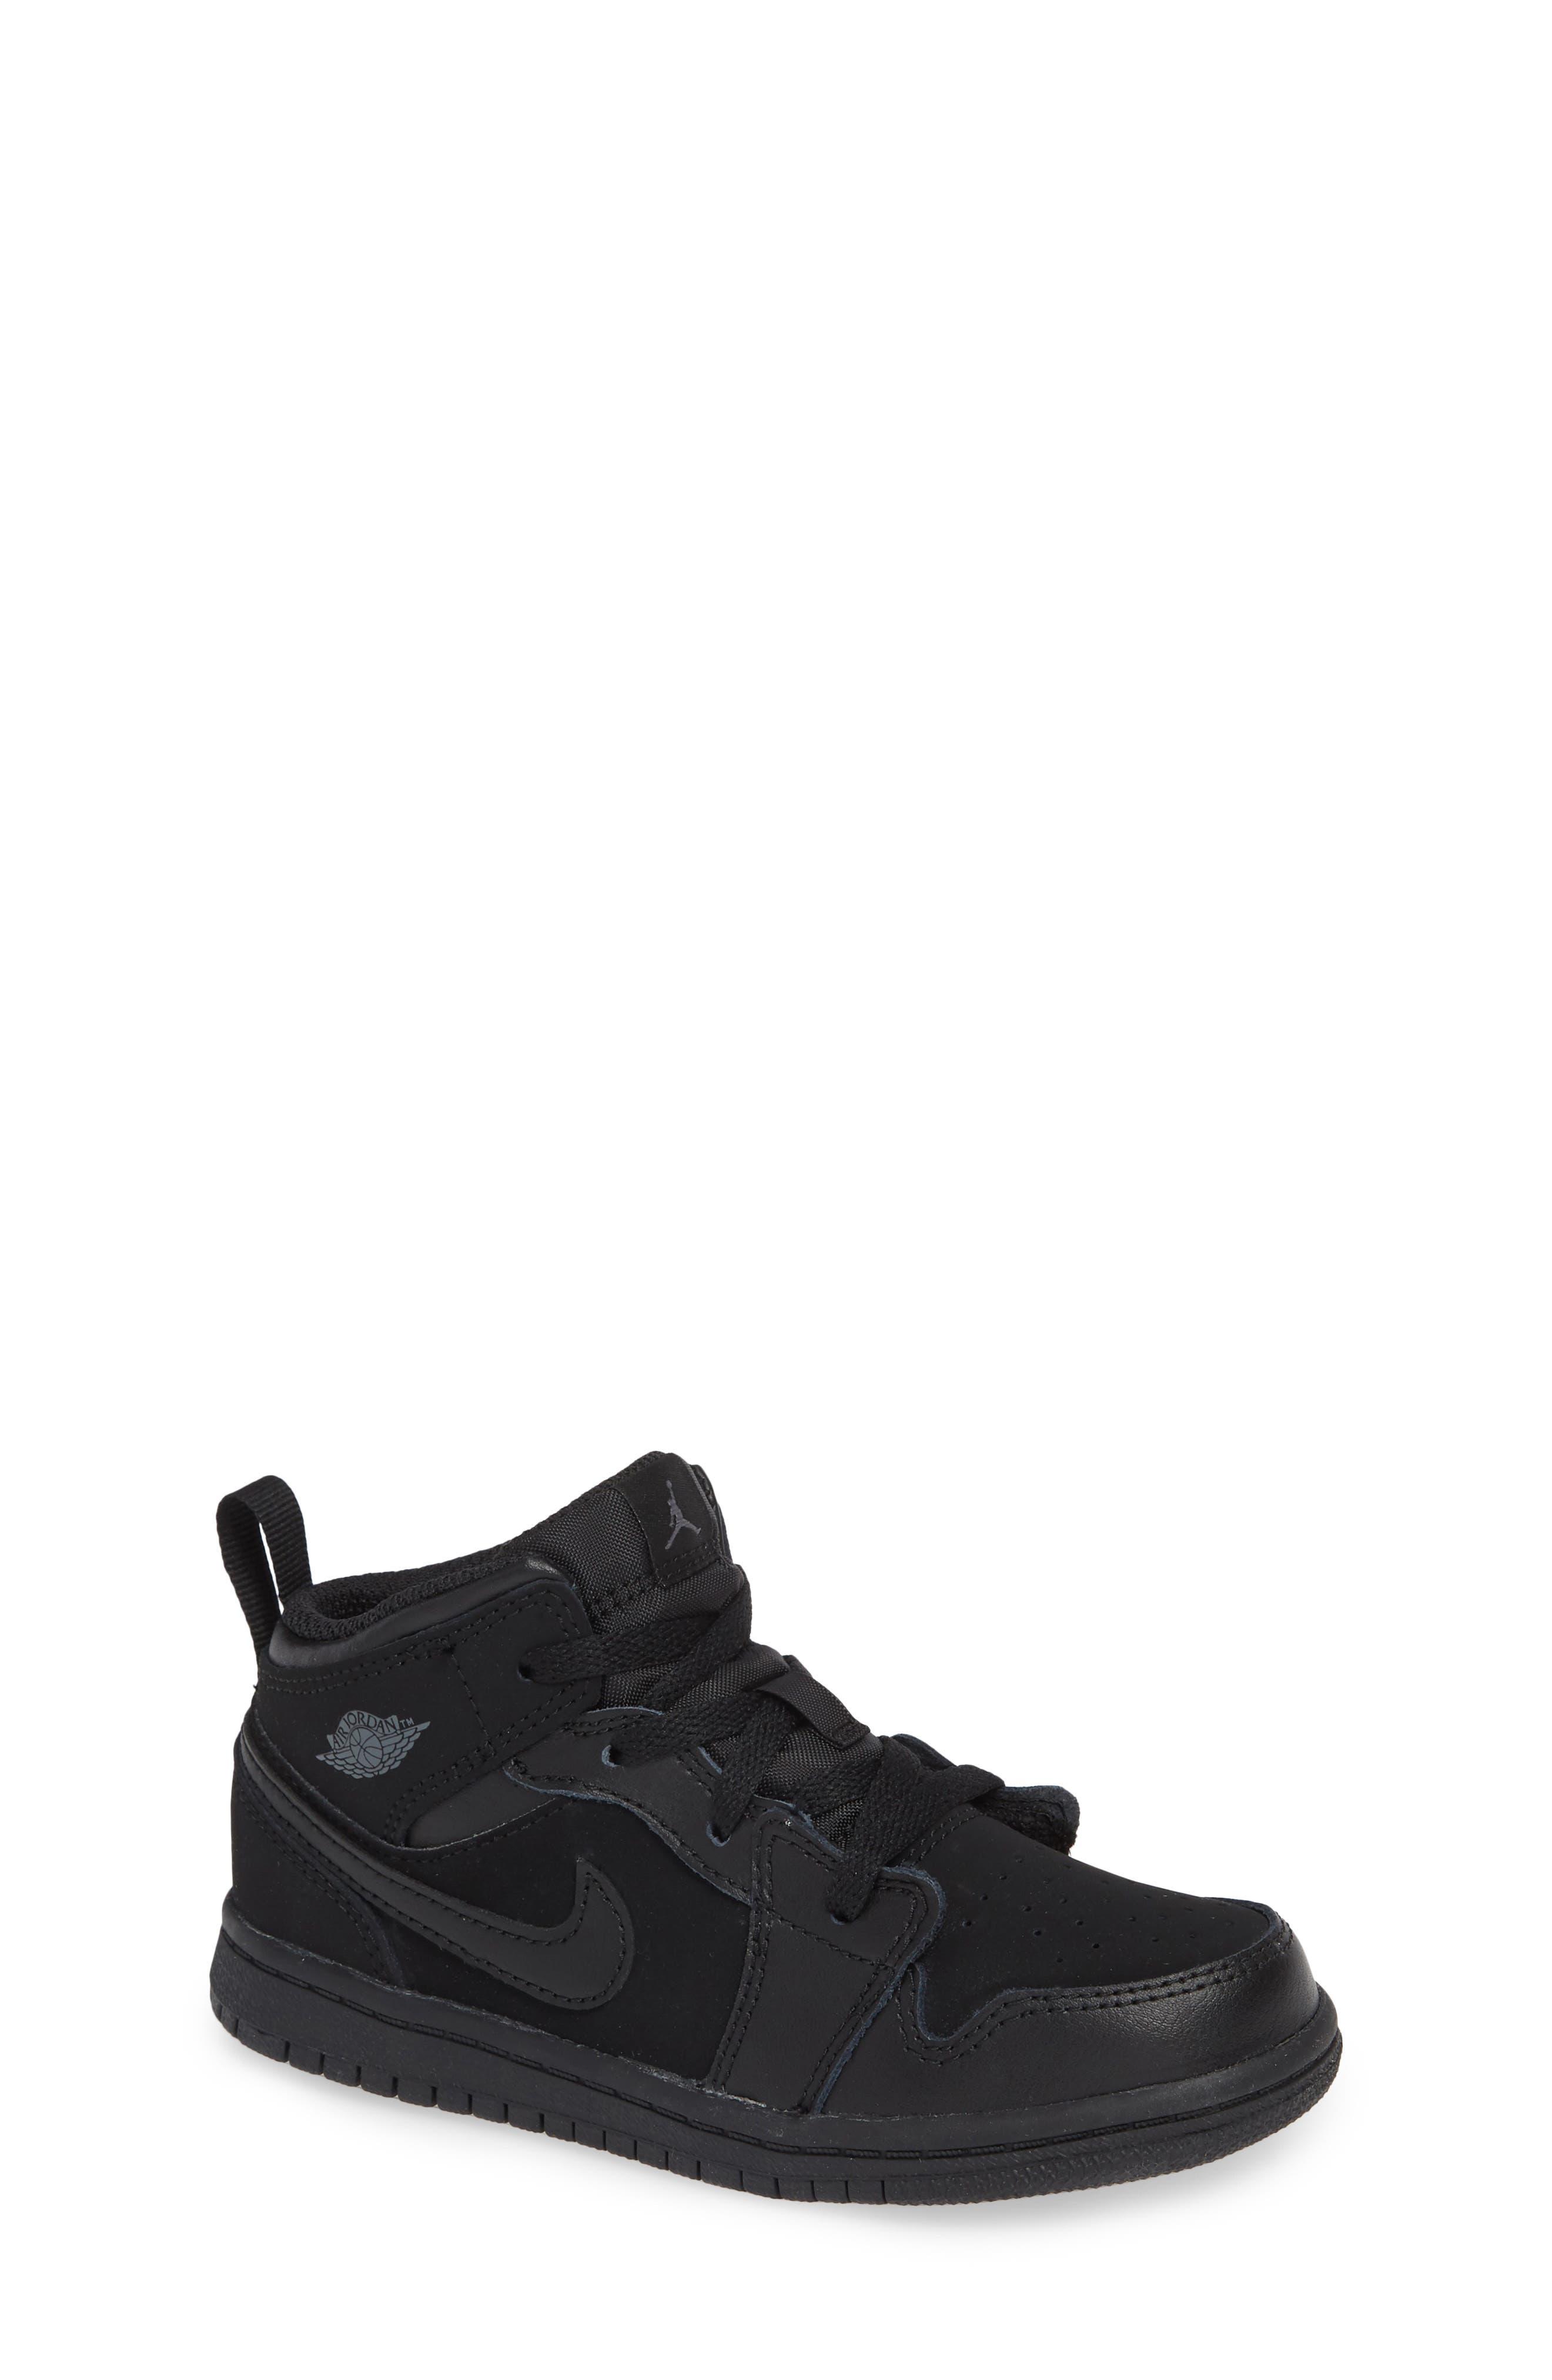 Nike 'Air Jordan 1 Mid' Sneaker,                             Main thumbnail 1, color,                             BLACK/ DARK GREY/ BLACK